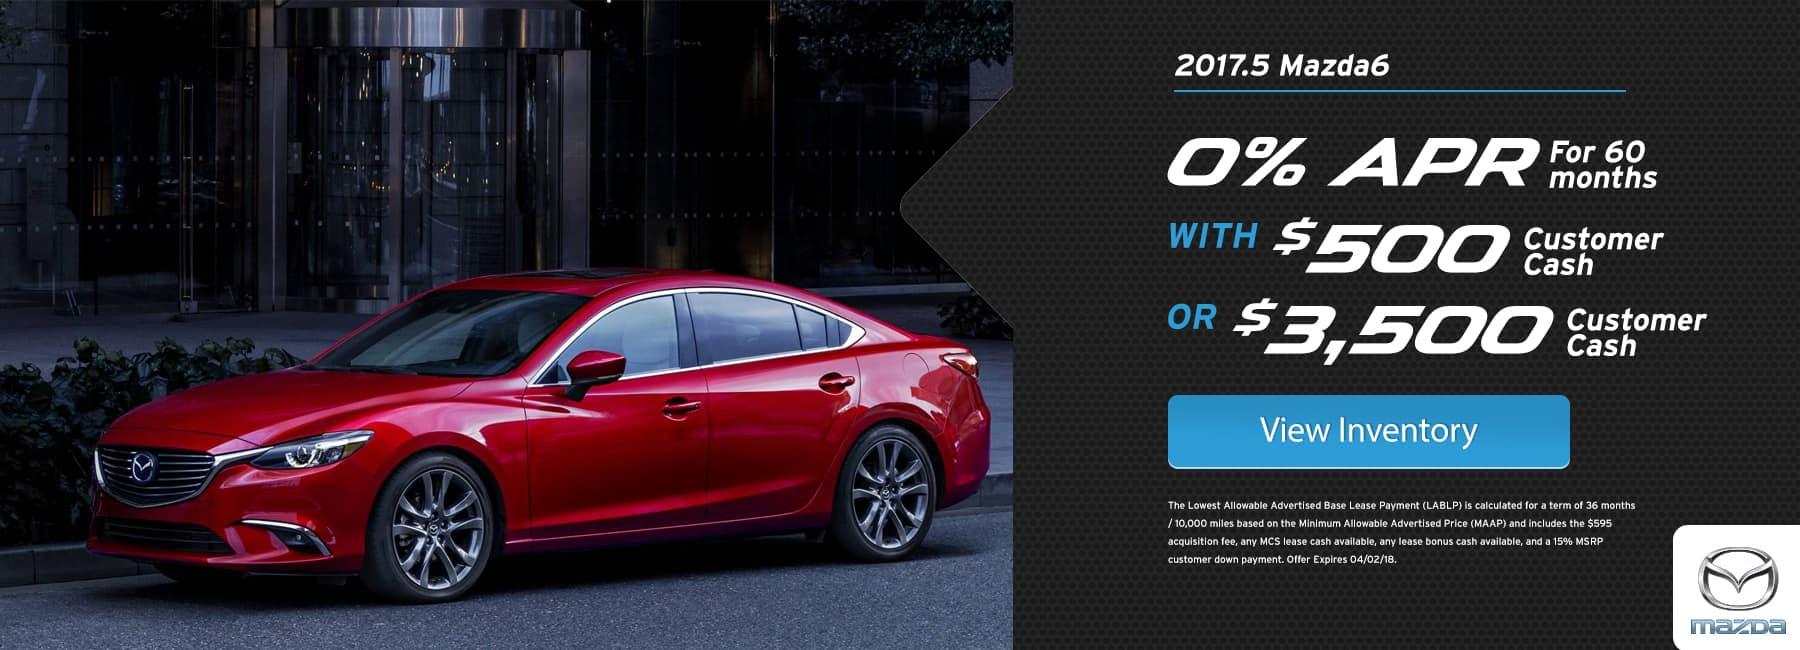 Mazda 6 March Offer BIggers Mazda